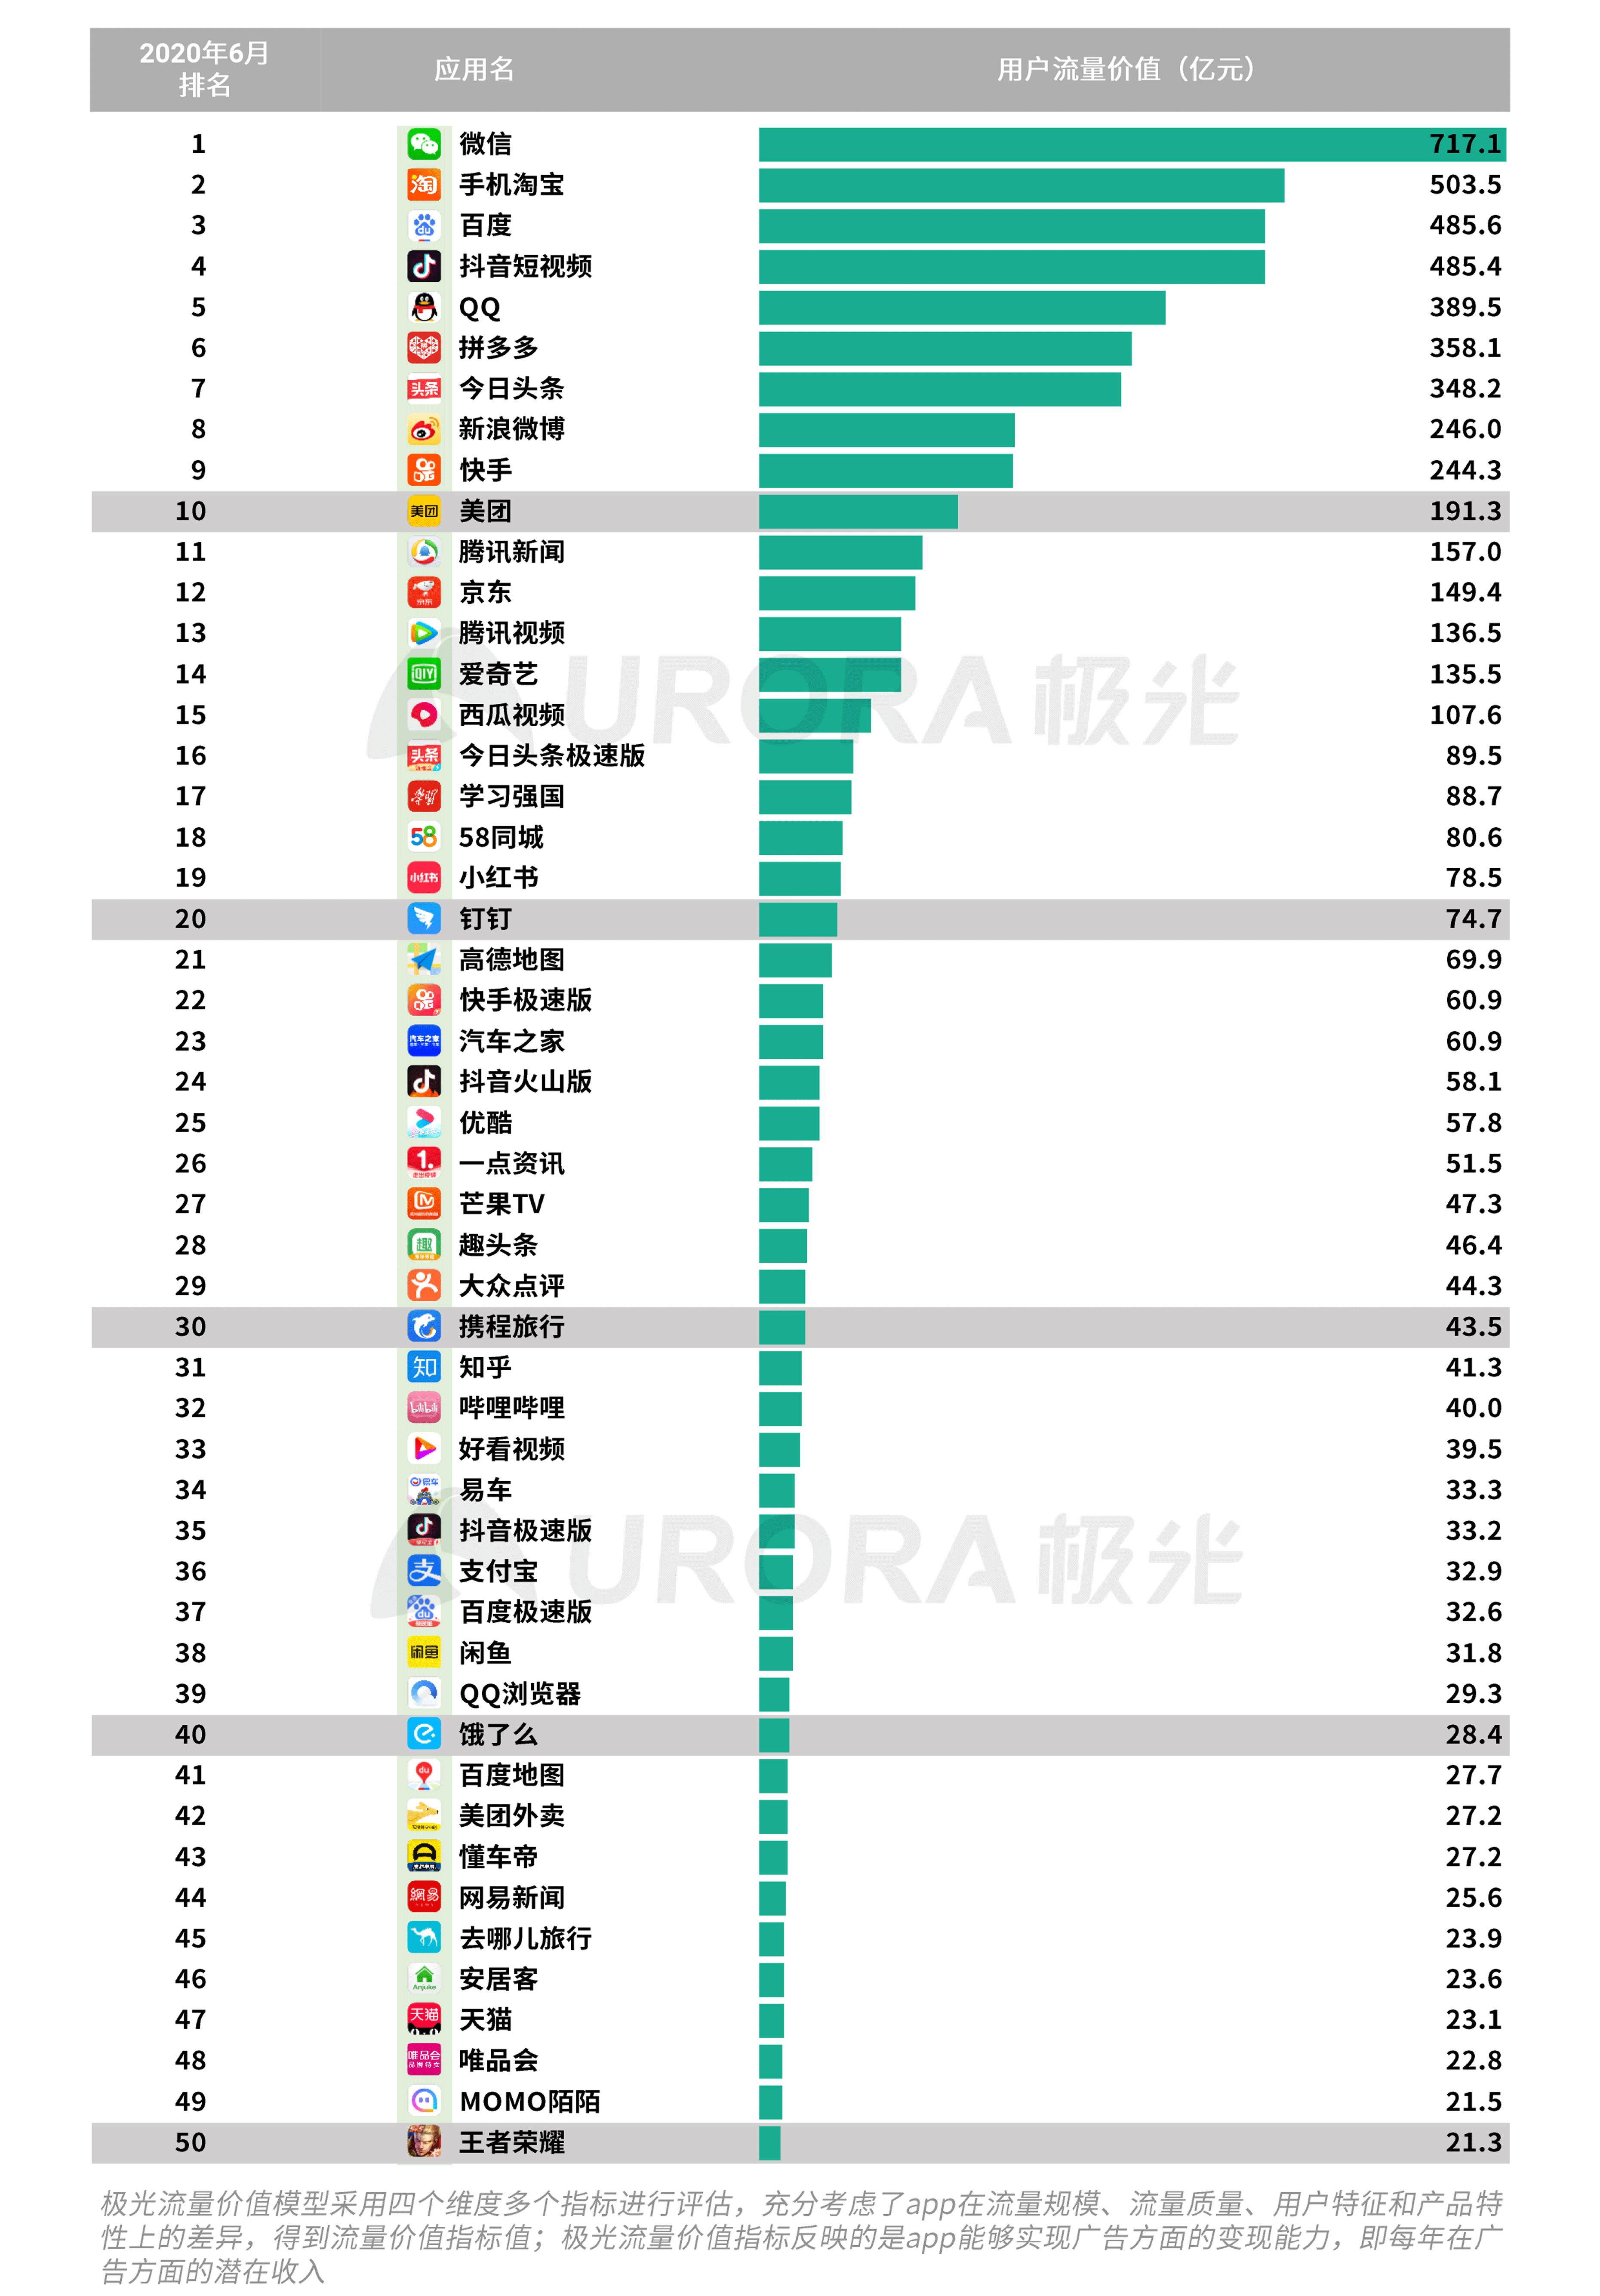 极光:2020Q2互联网行业数据研究报告 (37).png